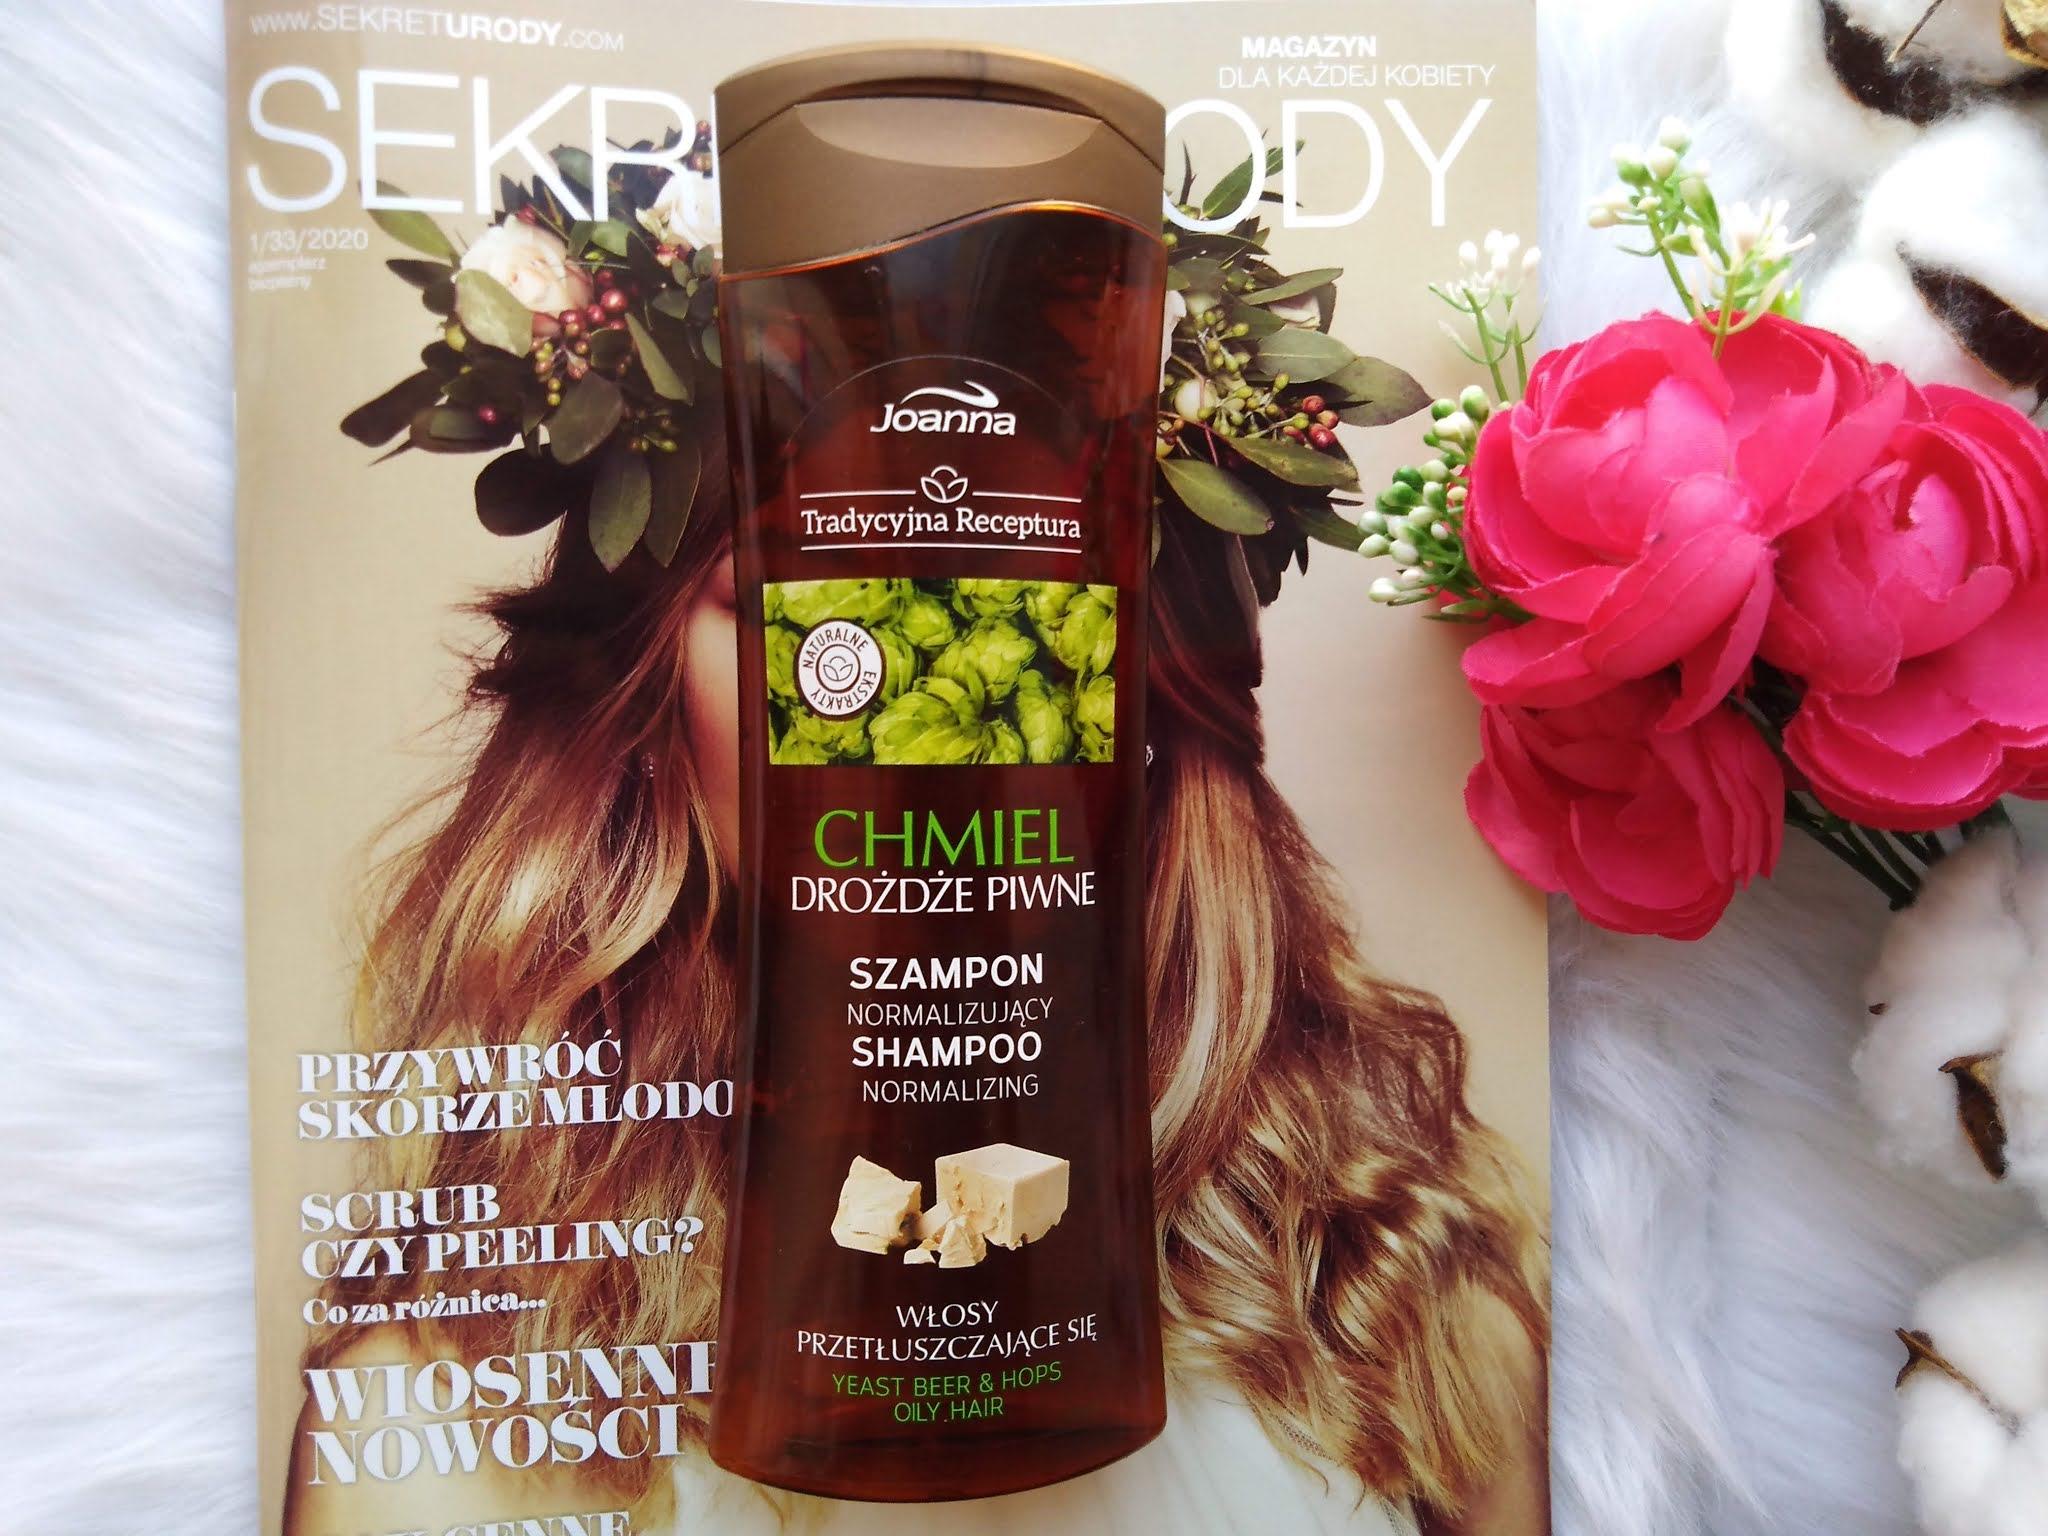 blogerkipolecają, moje KWC, Joanna szampon normalizujący, szampon chmielowy joanna, dobry szampon z drogeriikosmetyki, do których zawsze wracam,